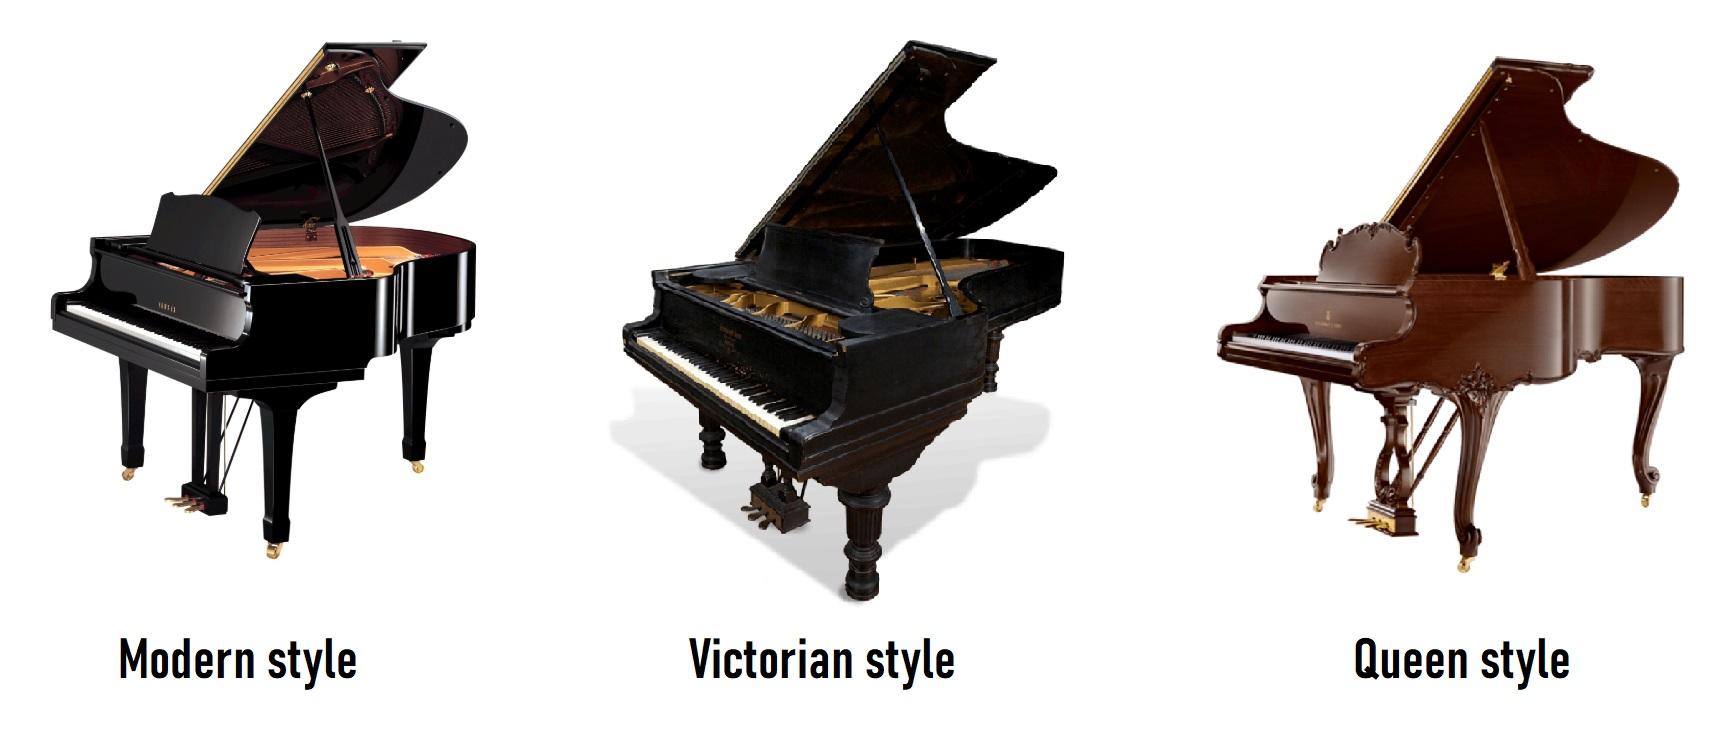 Grand piano style